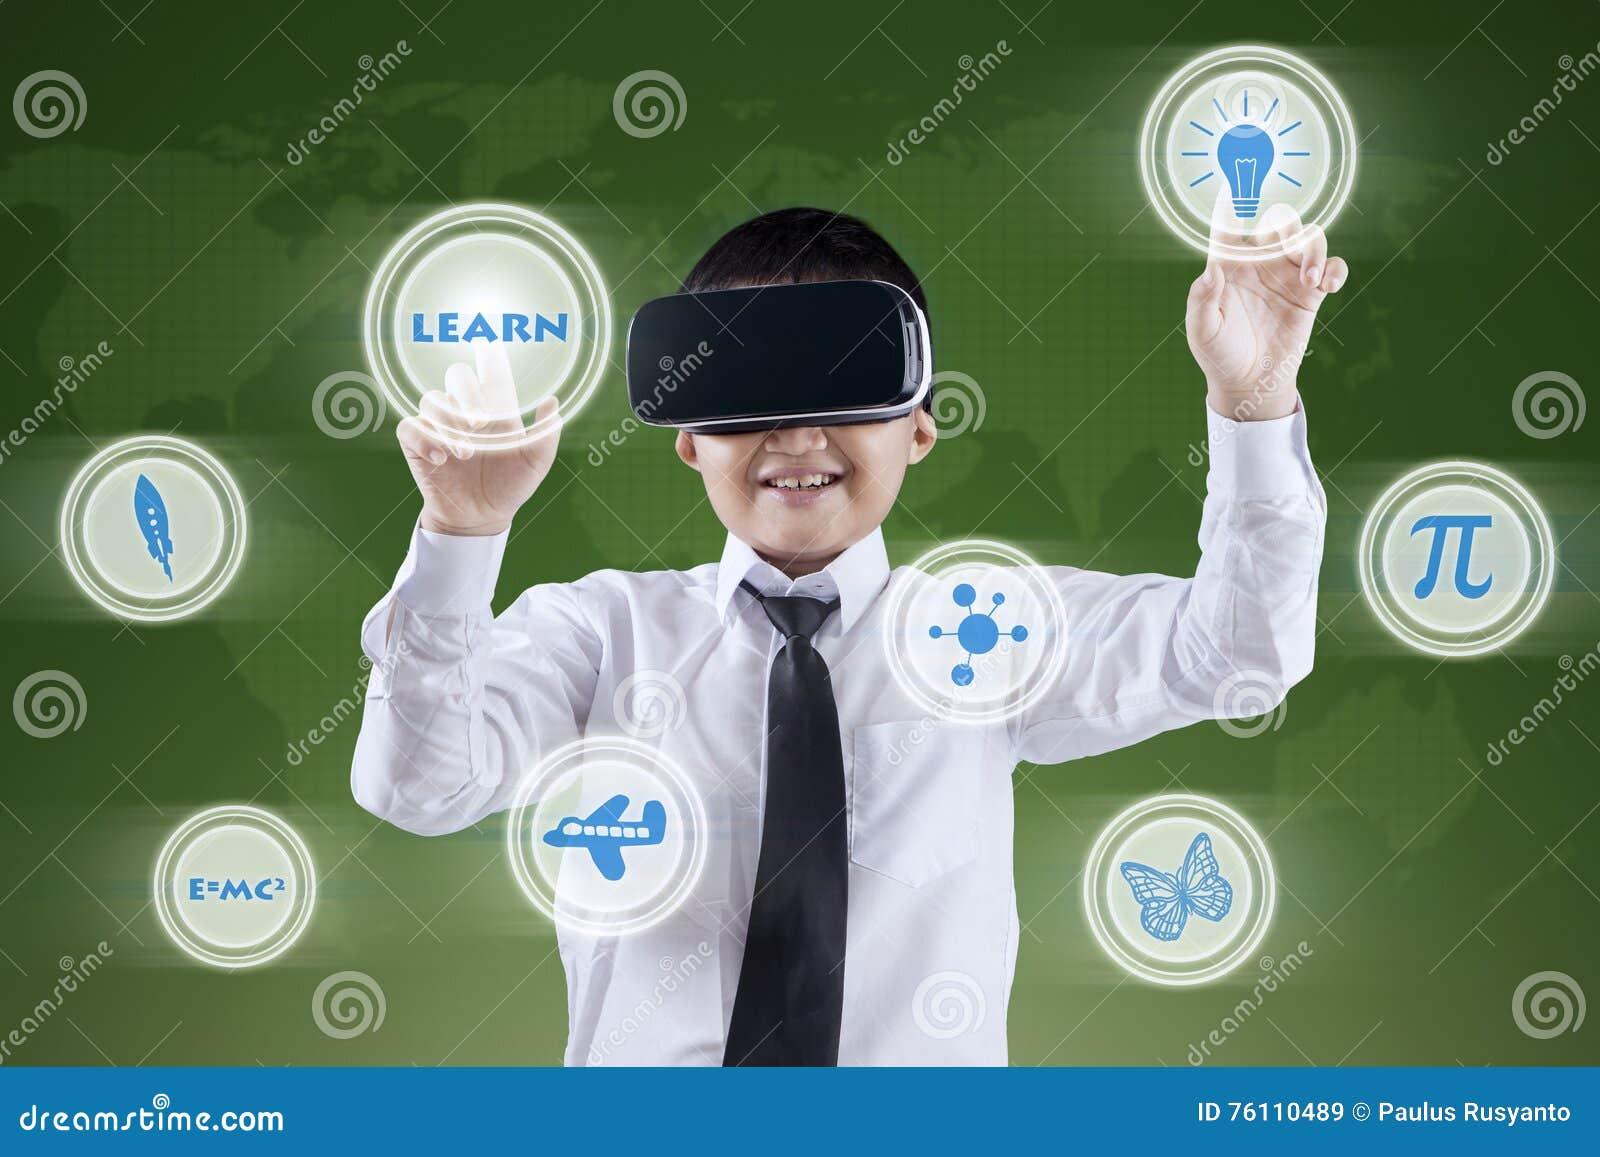 Junge Benutzt VR-Kopfhörer Und Futuristischen Schirm Stockbild ...